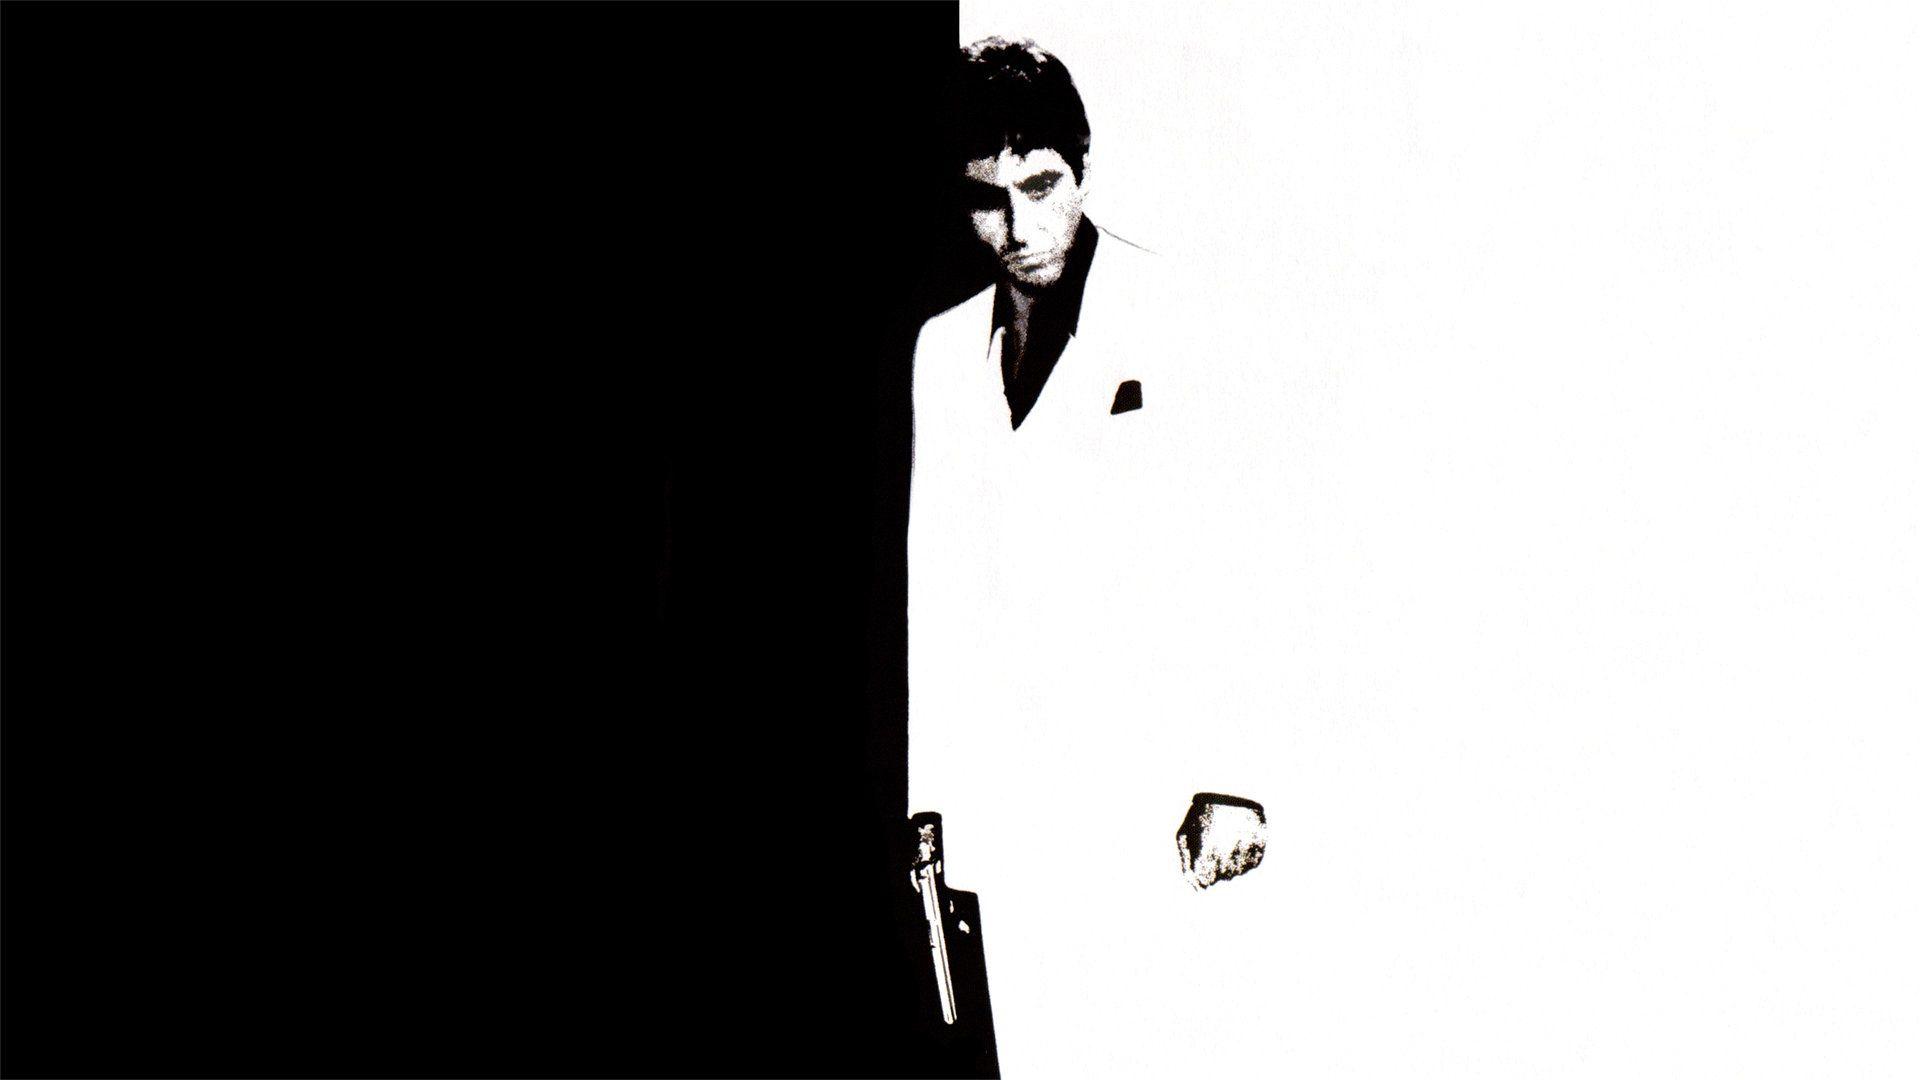 Al Pacino In Scarface As Tony Montana Fondos De Pantalla Transparentes Fondos De Pantalla Pantalla